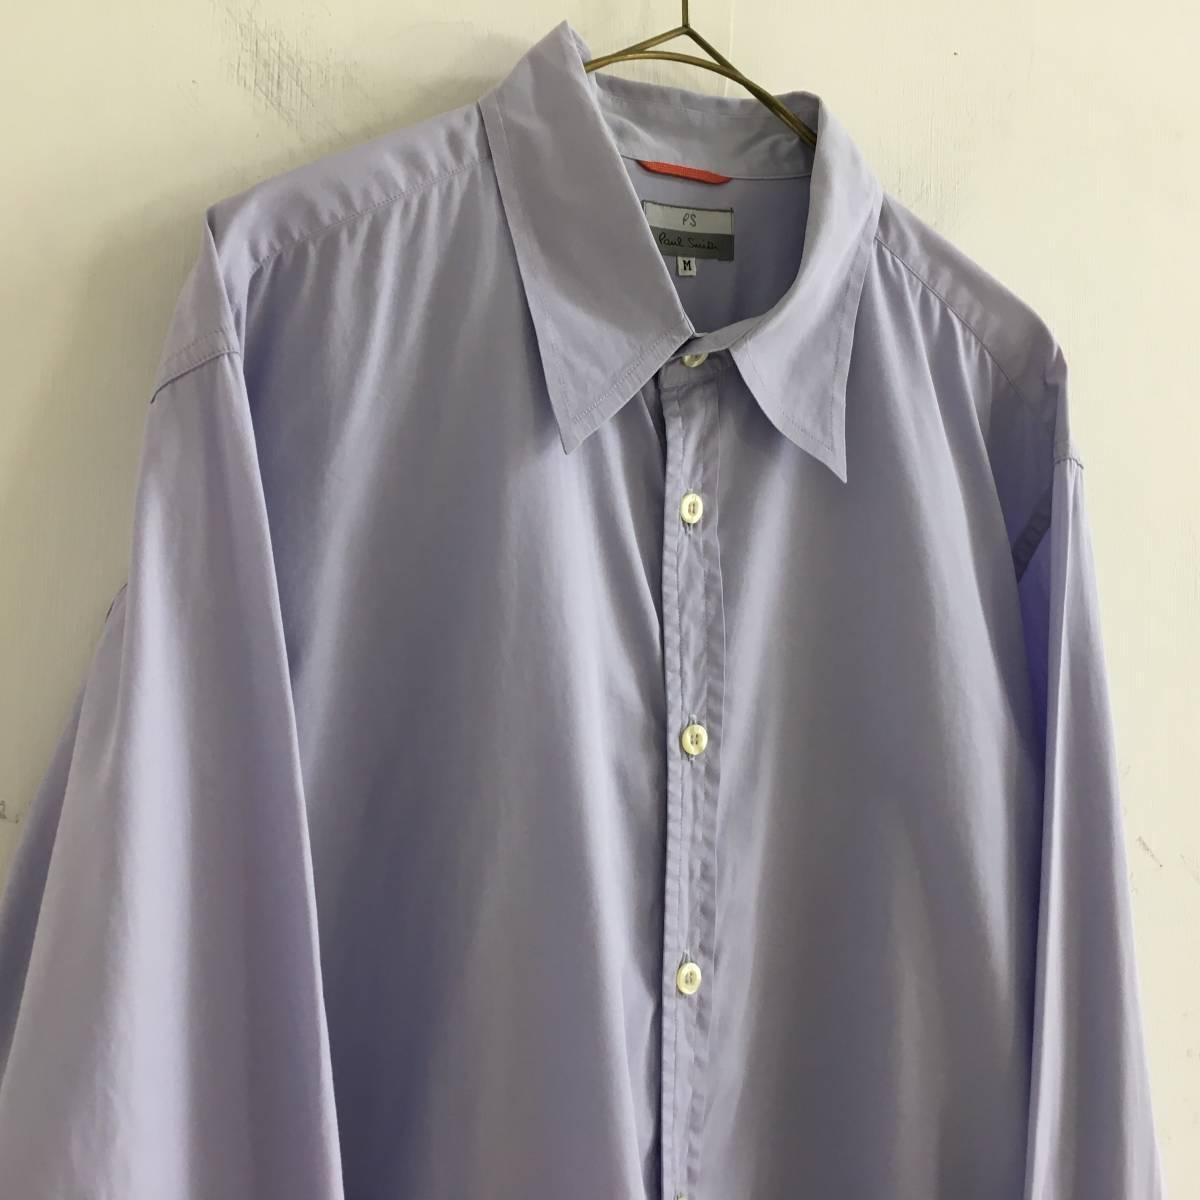 #Paul Smith ポールスミス 長袖シャツ ブラウス 薄い紫 パープル Mサイズ 綿100% USED【送料一律/同梱可能】_画像2